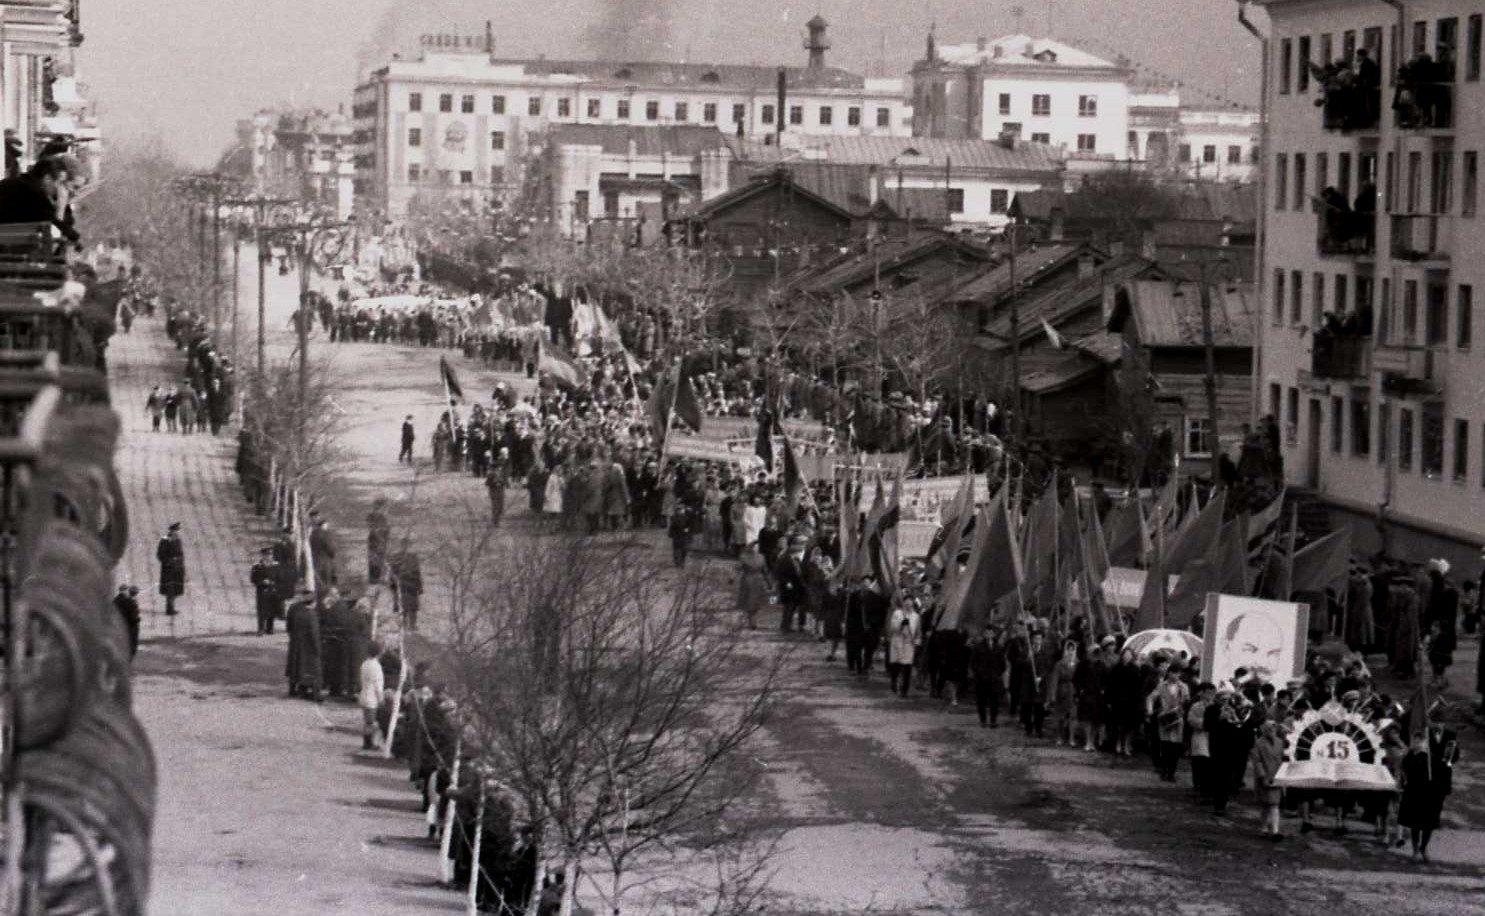 Первомайское шествие по улице Ленина. Нет еще здания Дома быта.